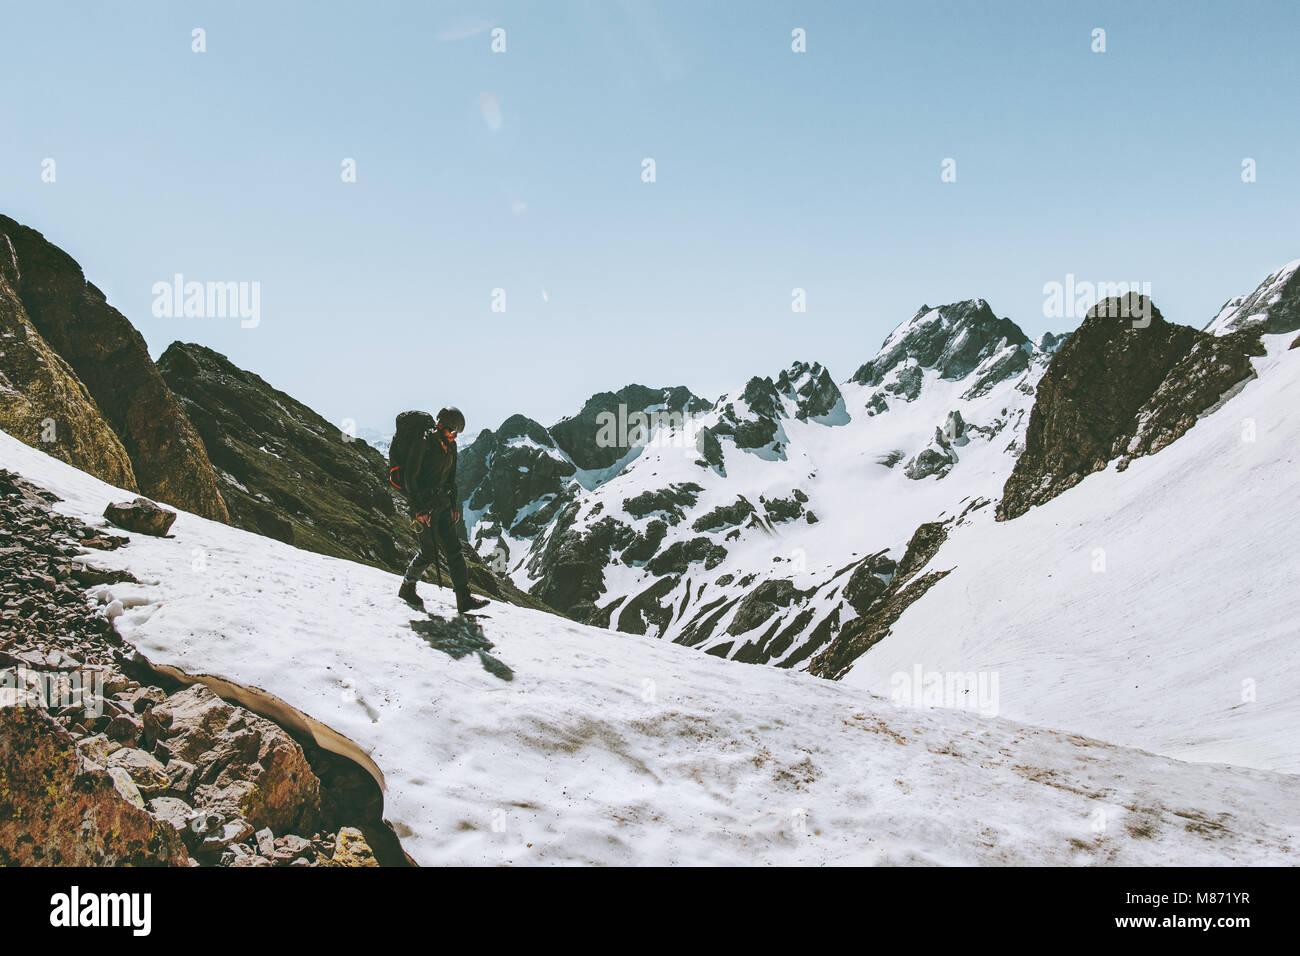 Hombre viajero con mochila de senderismo en las montañas nevadas de supervivencia Viajes concepto de estilo Imagen De Stock